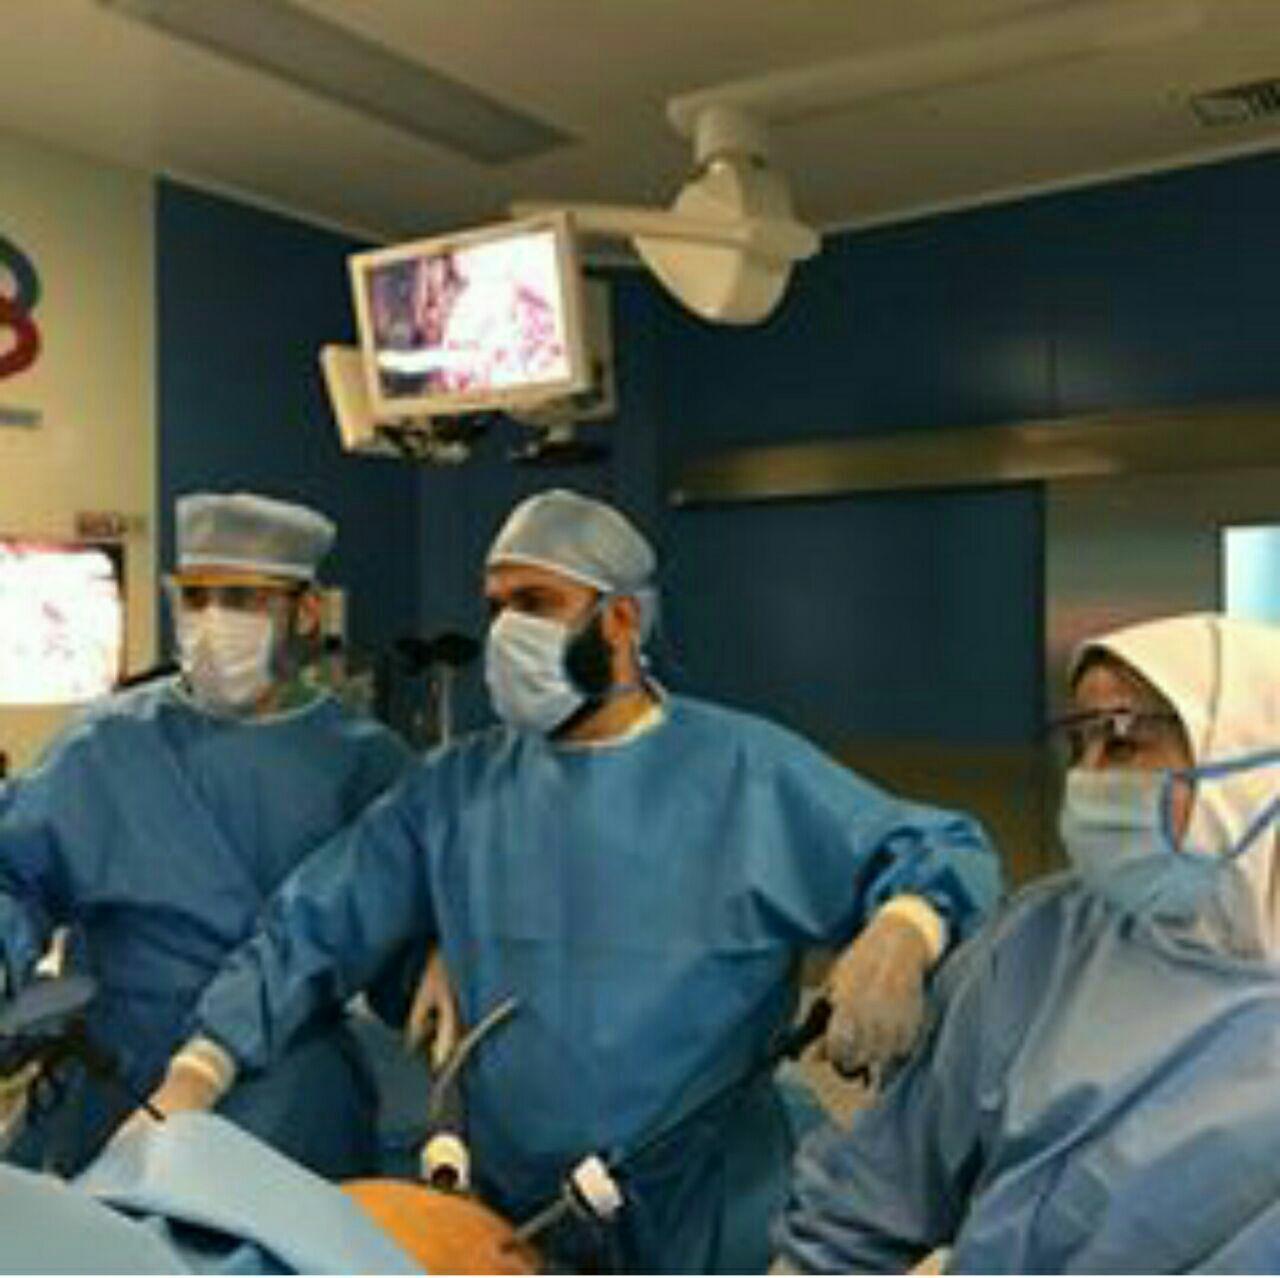 سجاد نورشفیعی متخصص جراحی عمومی- فلوشیپ جراحی کم تهاجمی (لاپاروسکوپی) - مشهد